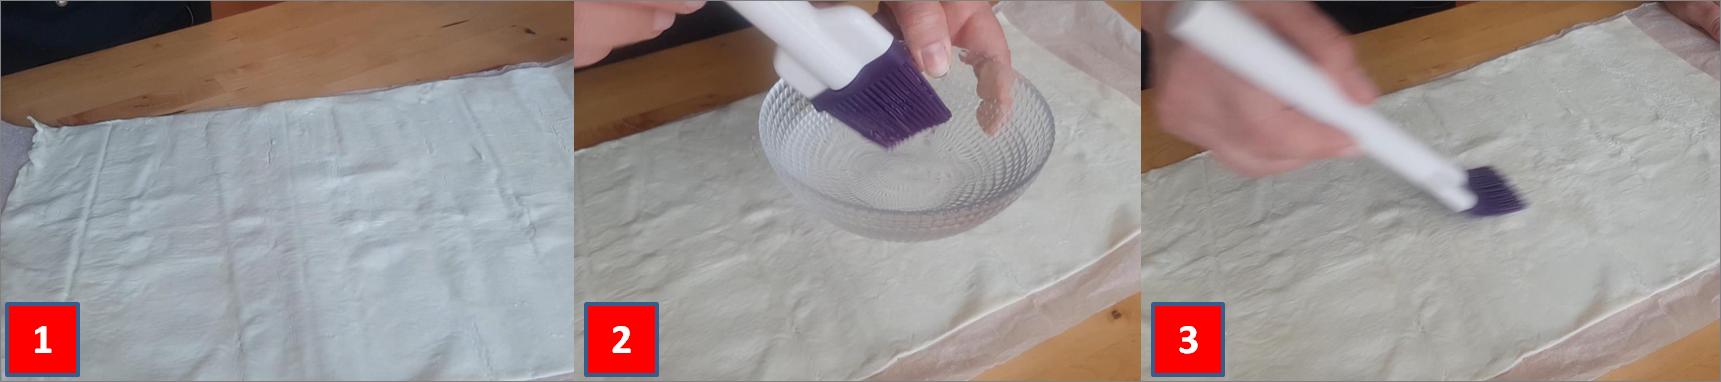 ricetta passo passo ventagli di pasta sfoglia 1